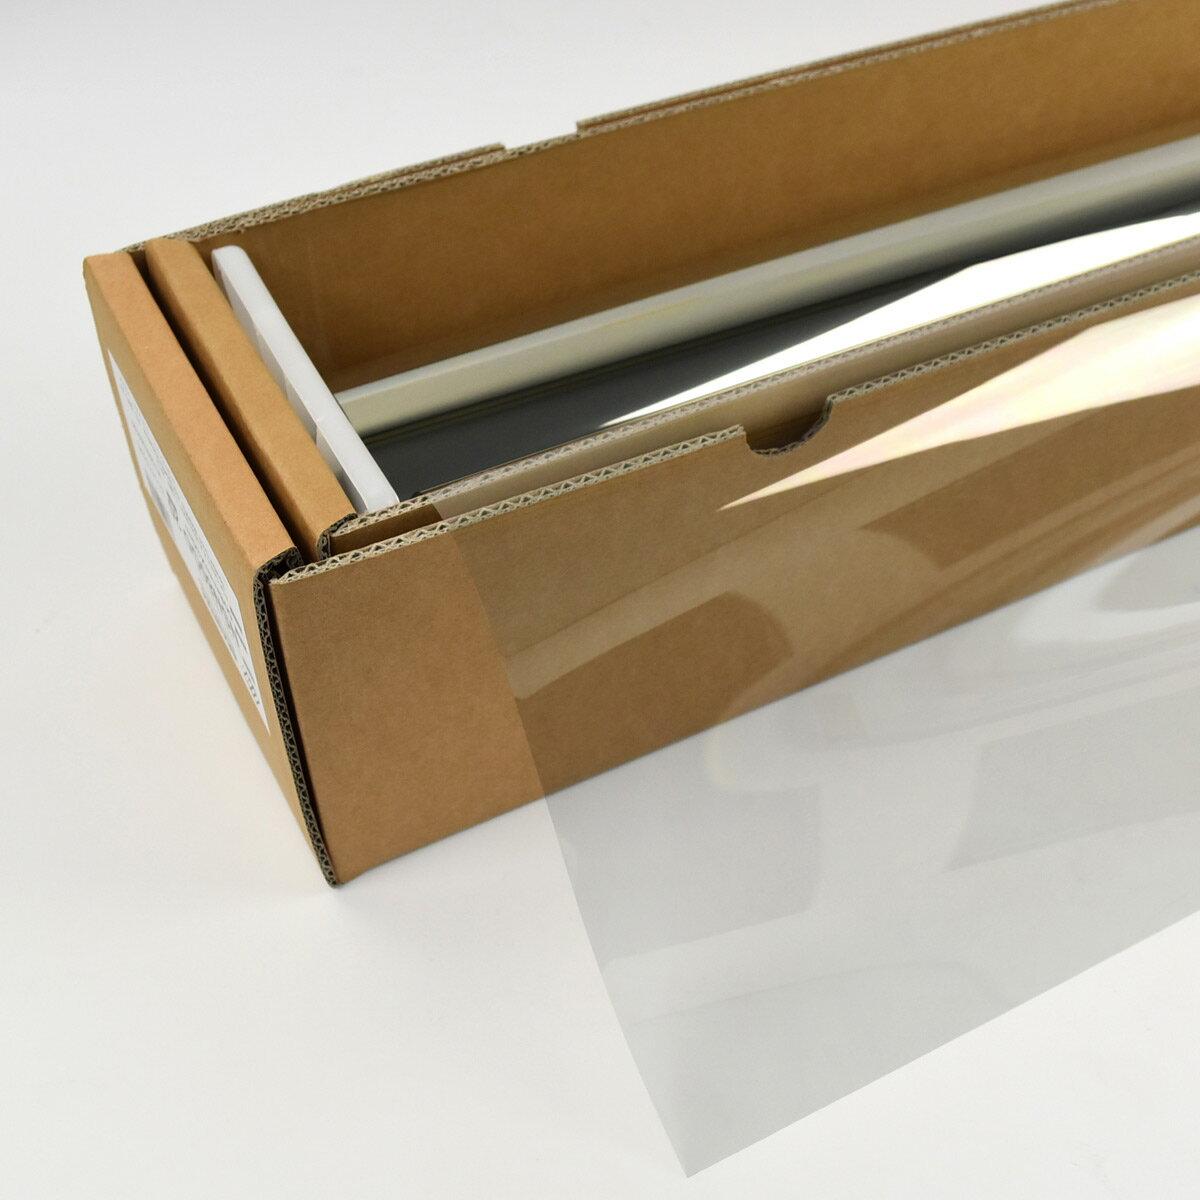 カーフィルム 窓ガラスフィルム スパッタゴールド80(82%) 1m幅×長さ1m単位切売 遮熱フィルム 断熱フィルム UVカットフィルム ブレインテック Braintec